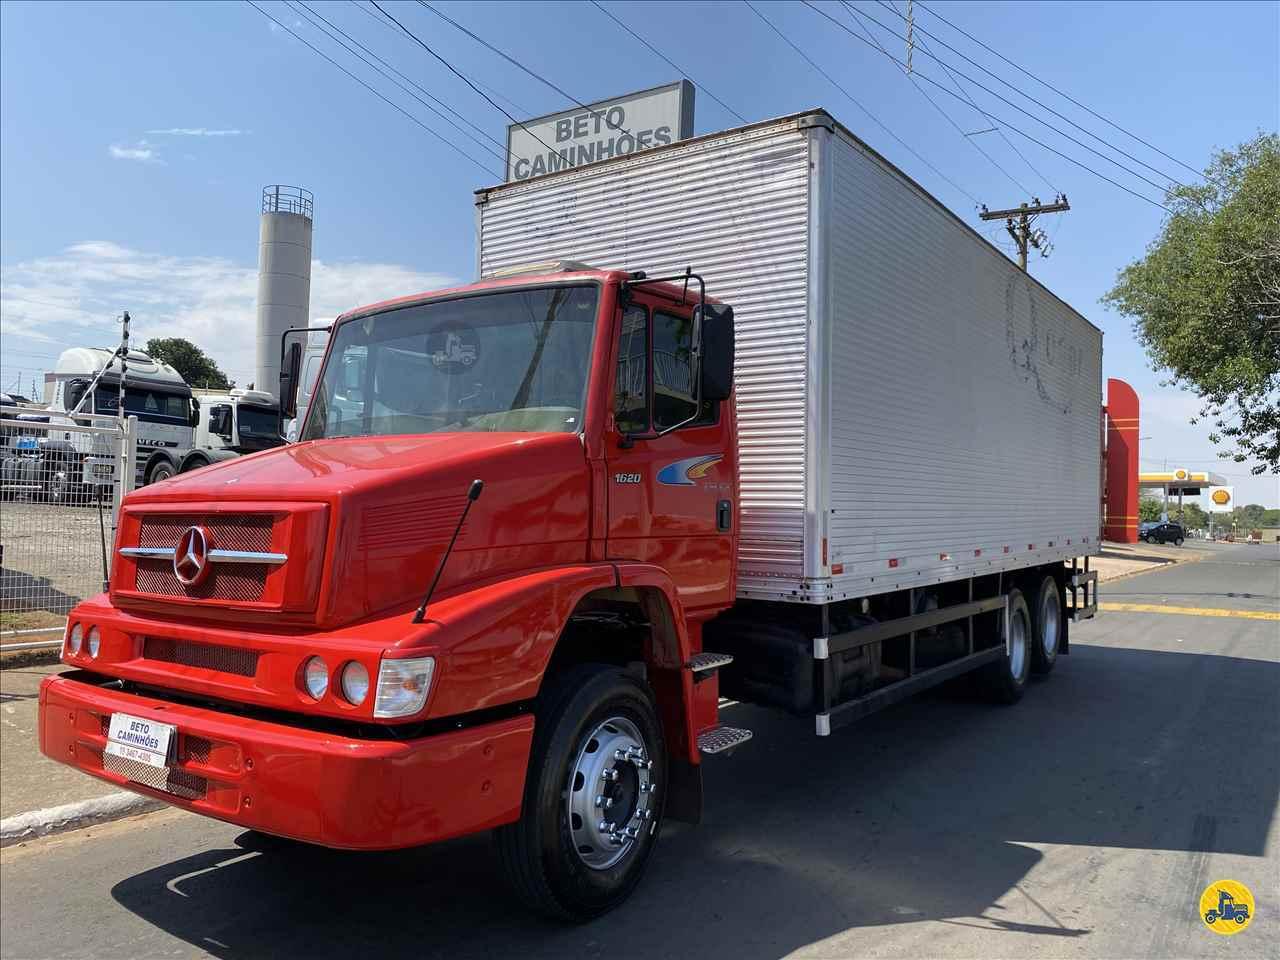 CAMINHAO MERCEDES-BENZ MB 1620 Baú Furgão Truck 6x2 Beto Caminhões Piracicaba AMERICANA SÃO PAULO SP